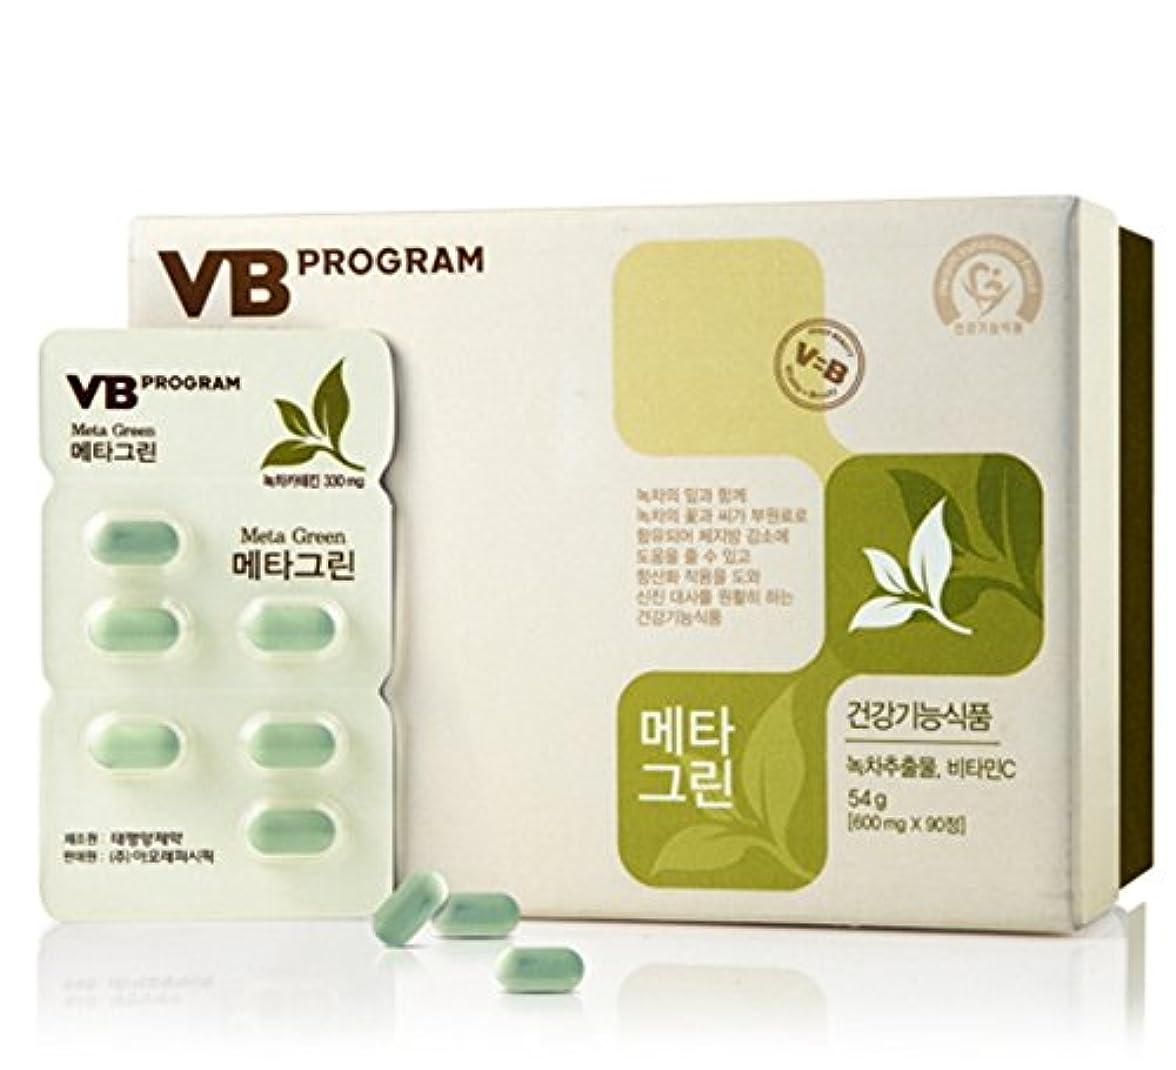 雷雨ガソリンお肉Vb Program Meta Green 600mg X 90 Pills 54g for Women Weight Control Green Tea[並行輸入品]